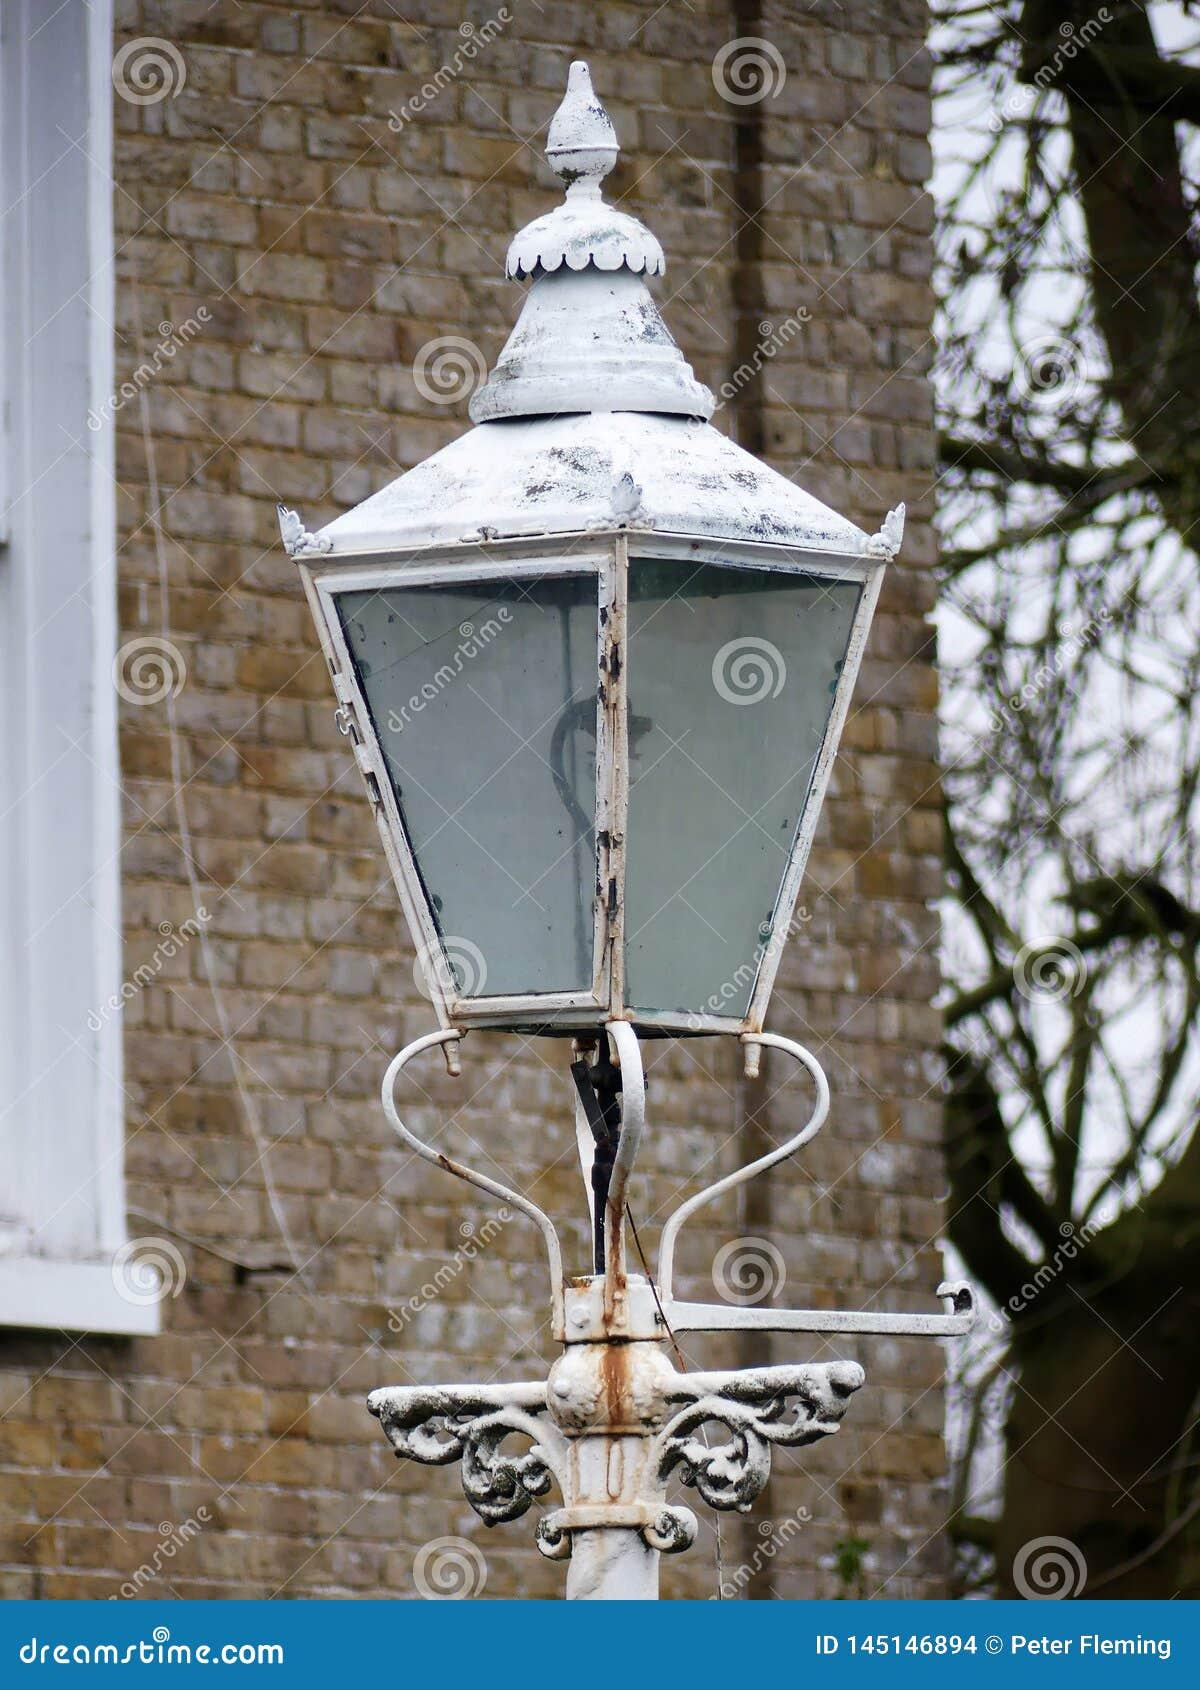 Античный белый уличный фонарь вне дома